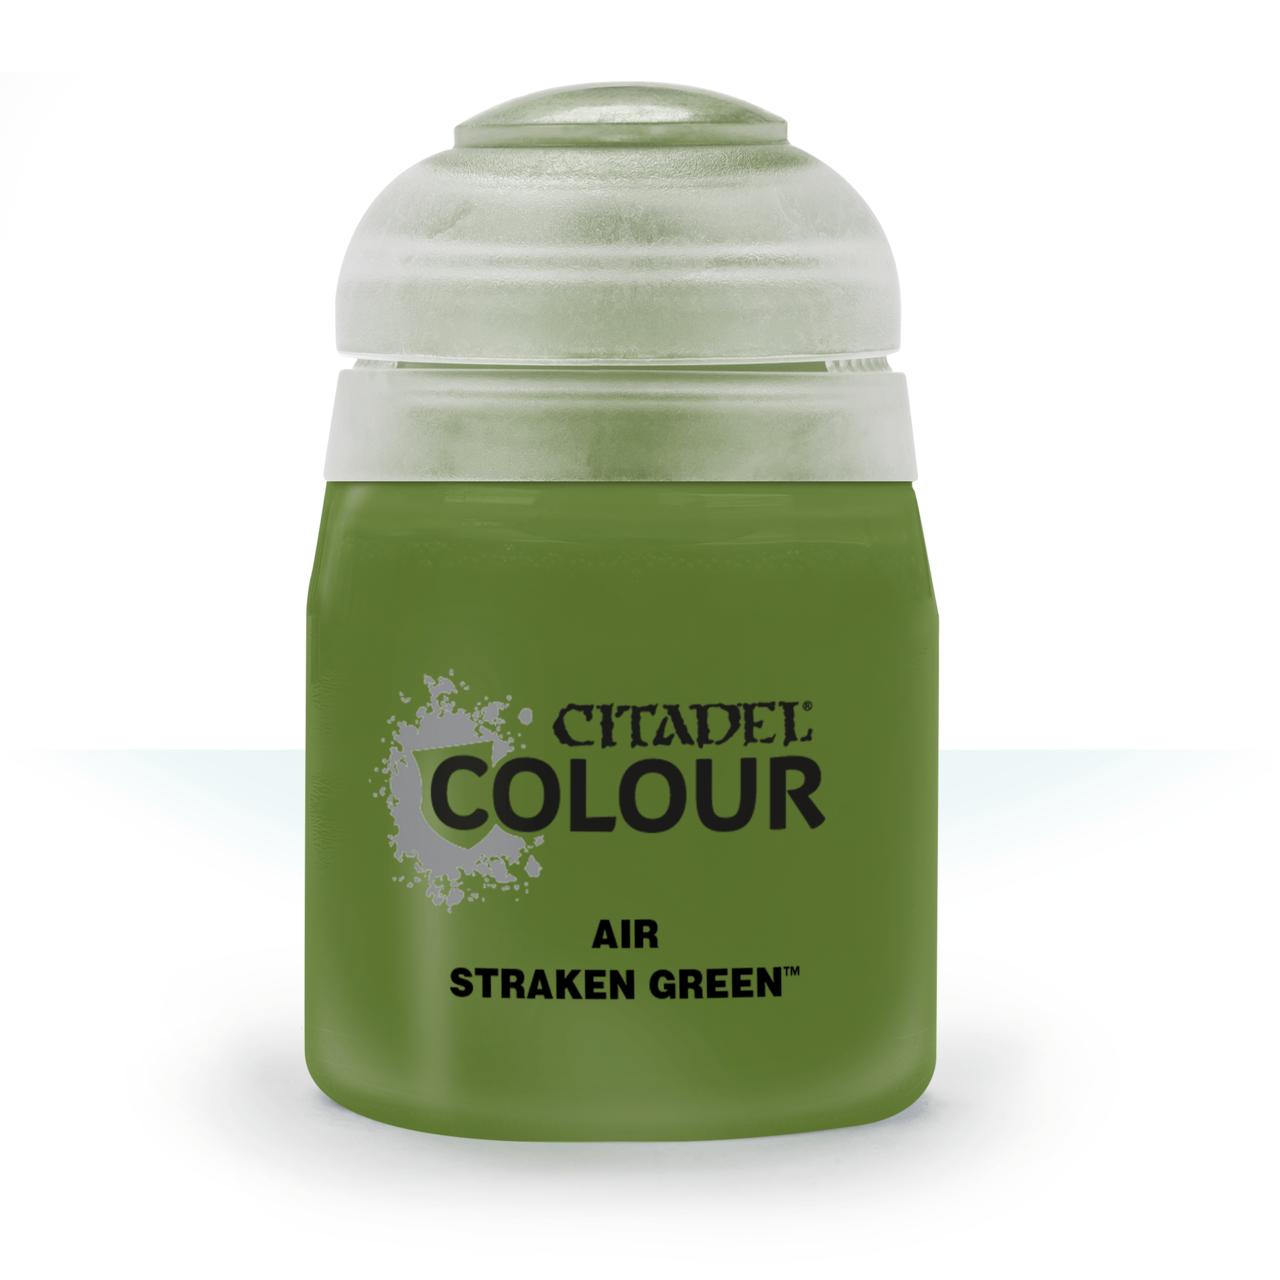 Afbeelding van het spel Straken Green - Air (Citadel)